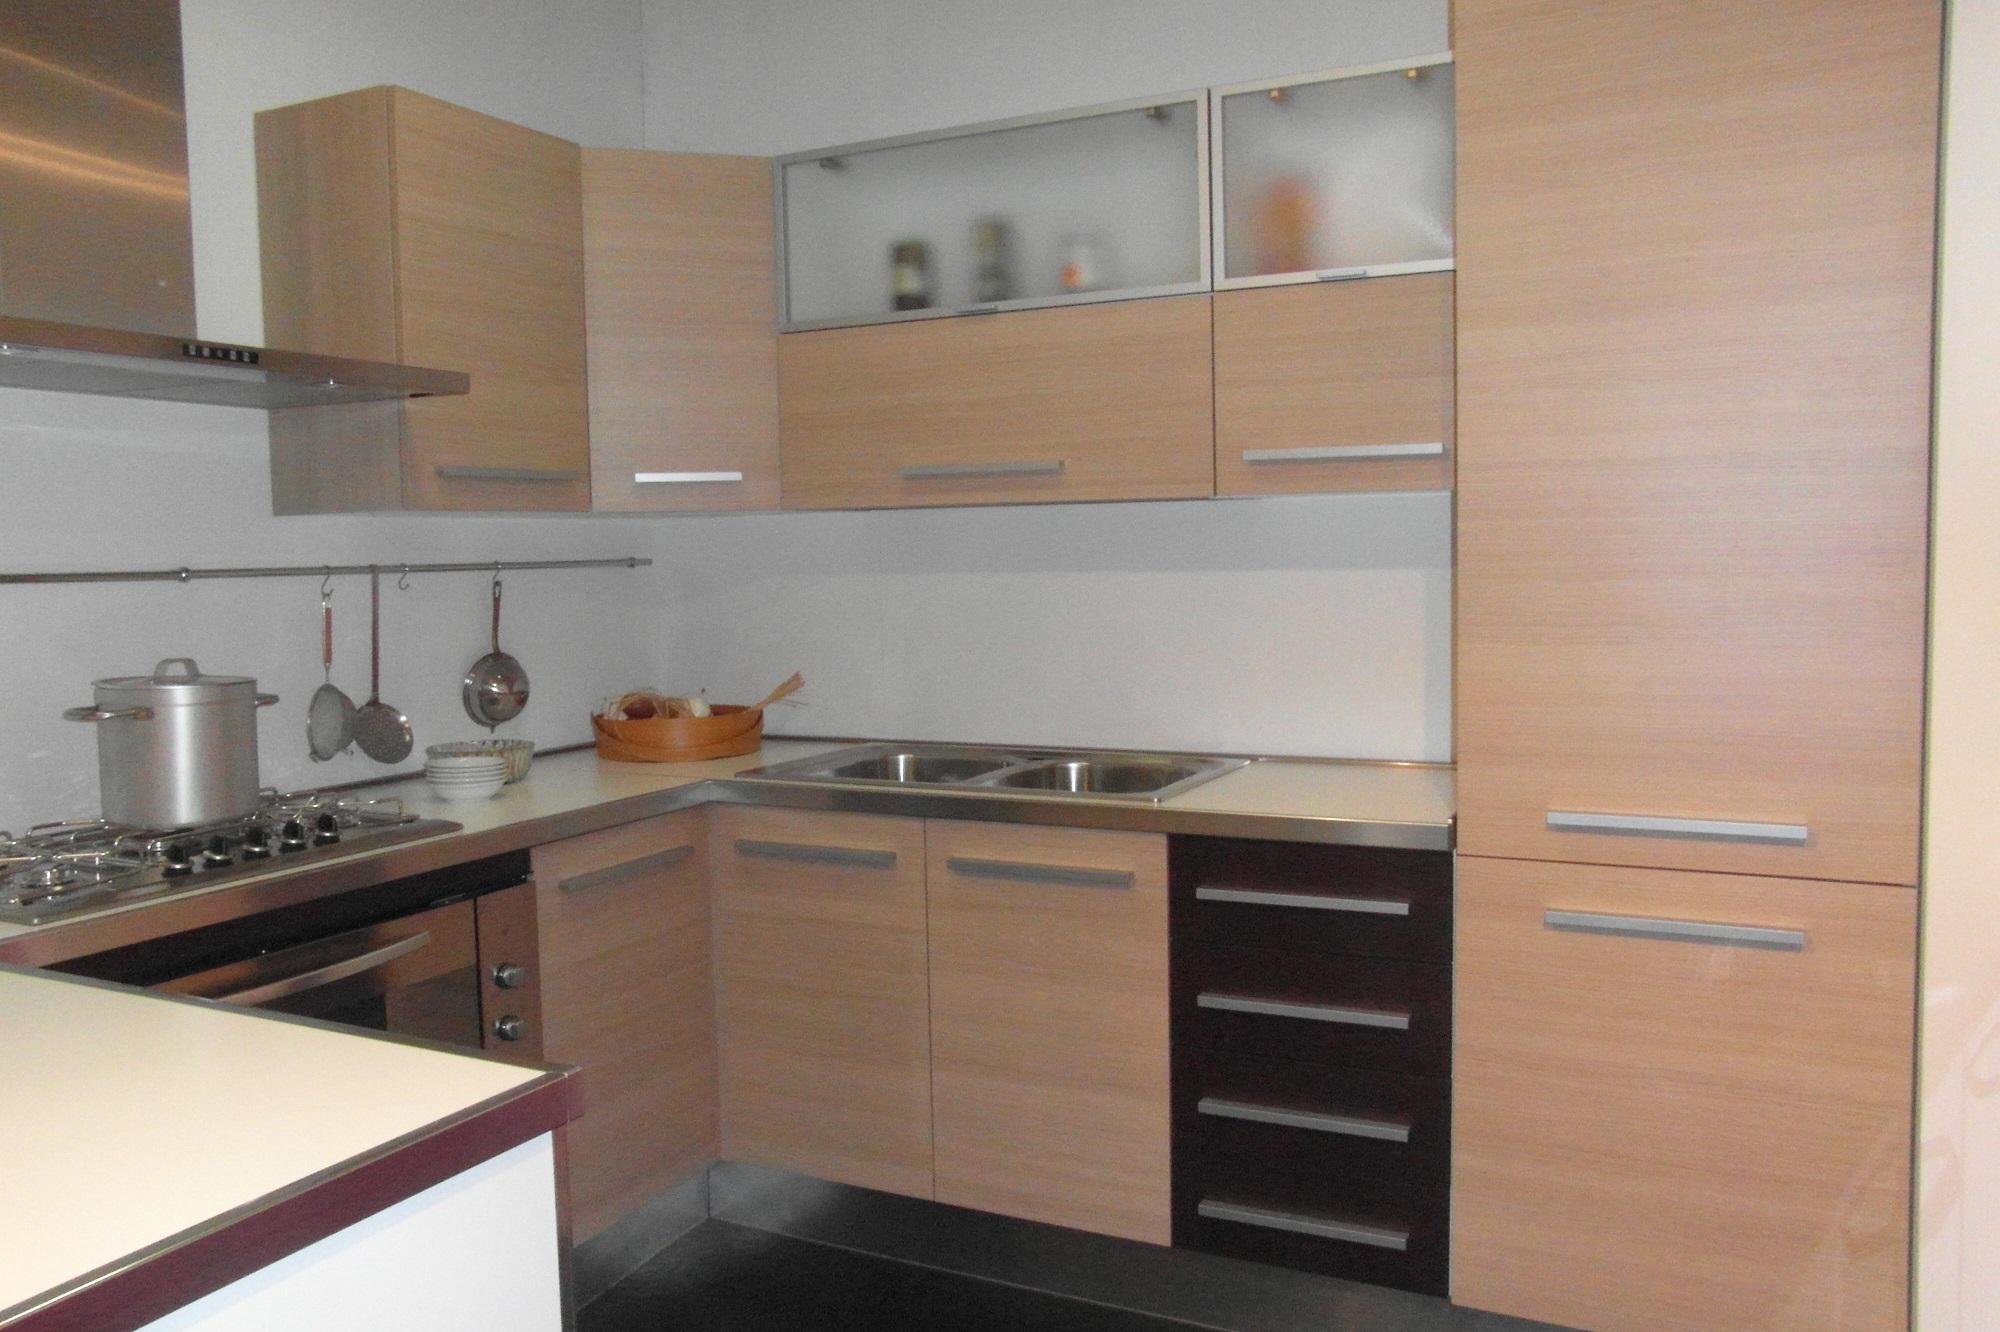 Cucina eden moderna legno rovere chiaro scontato 52 - Cucine in rovere ...